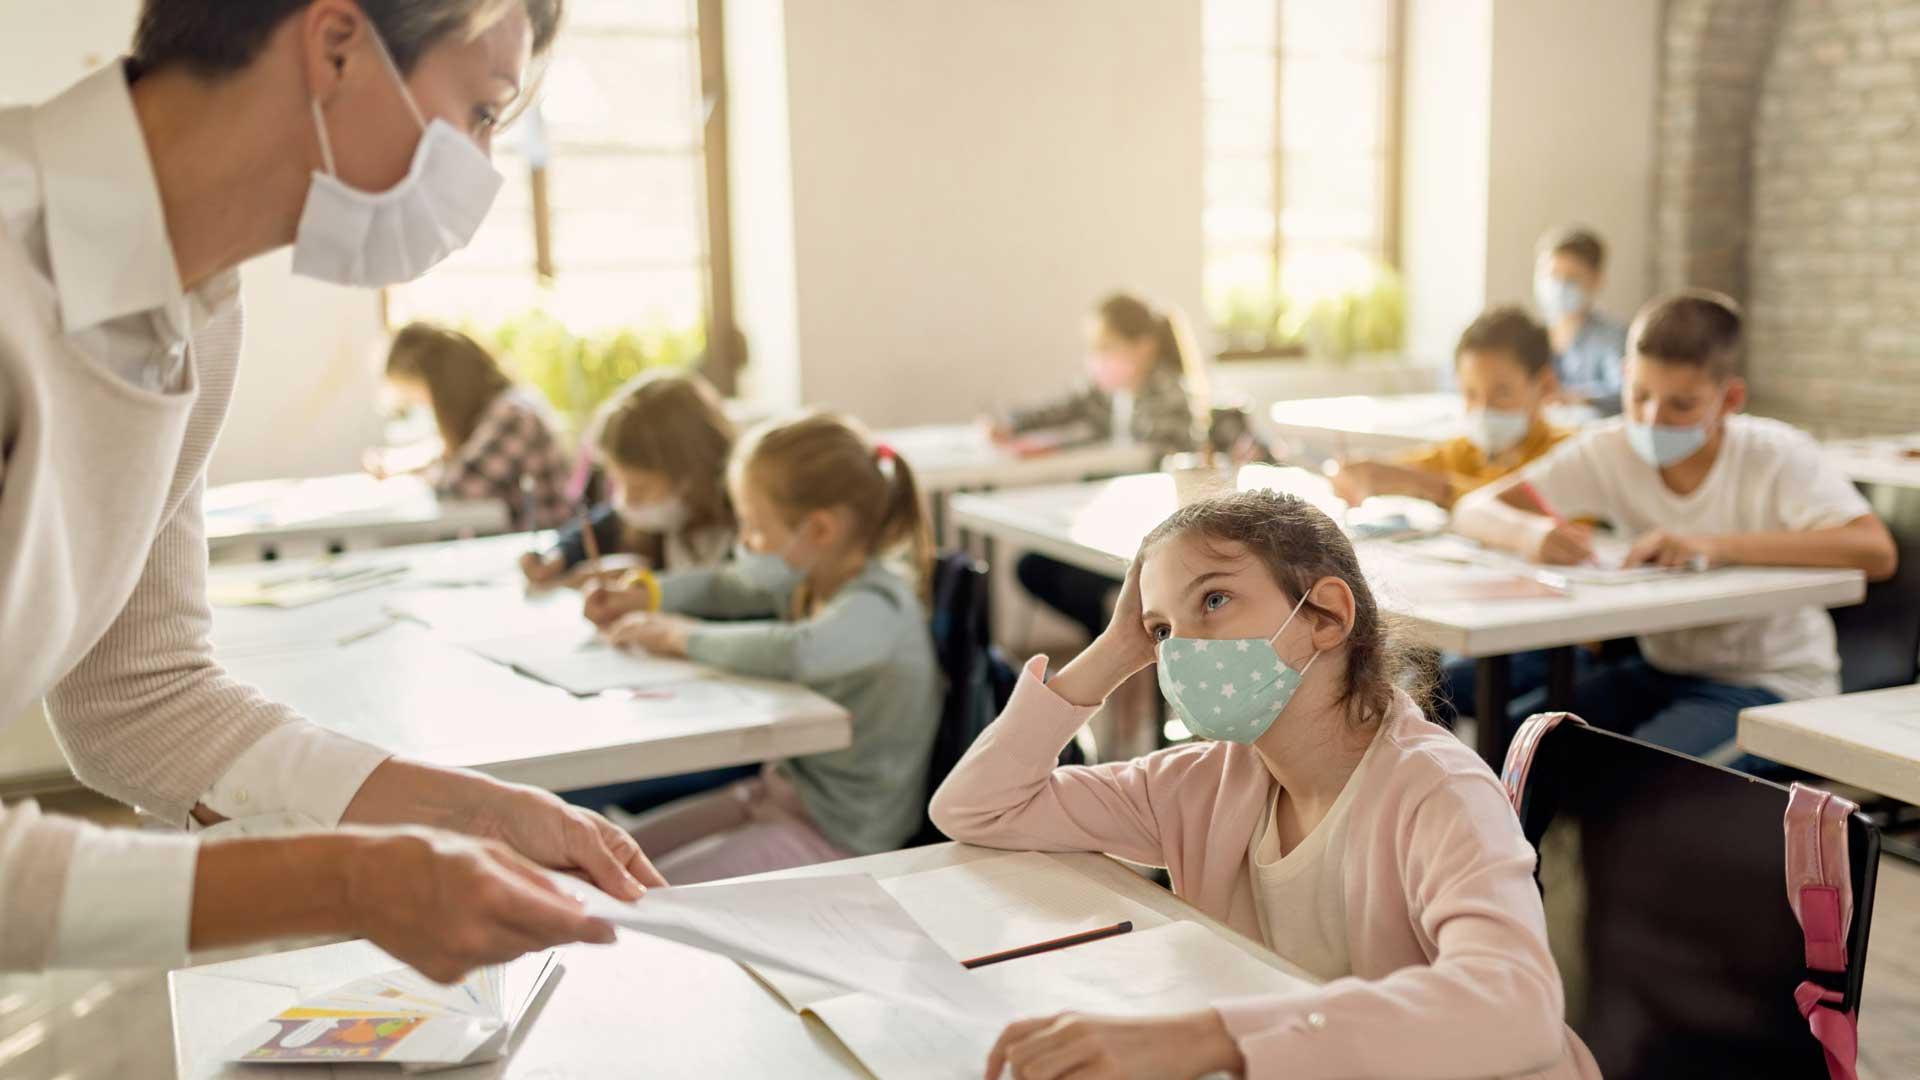 Sorin Cîmpeanu: Cadrele didactice nevaccinate ar putea să predea online